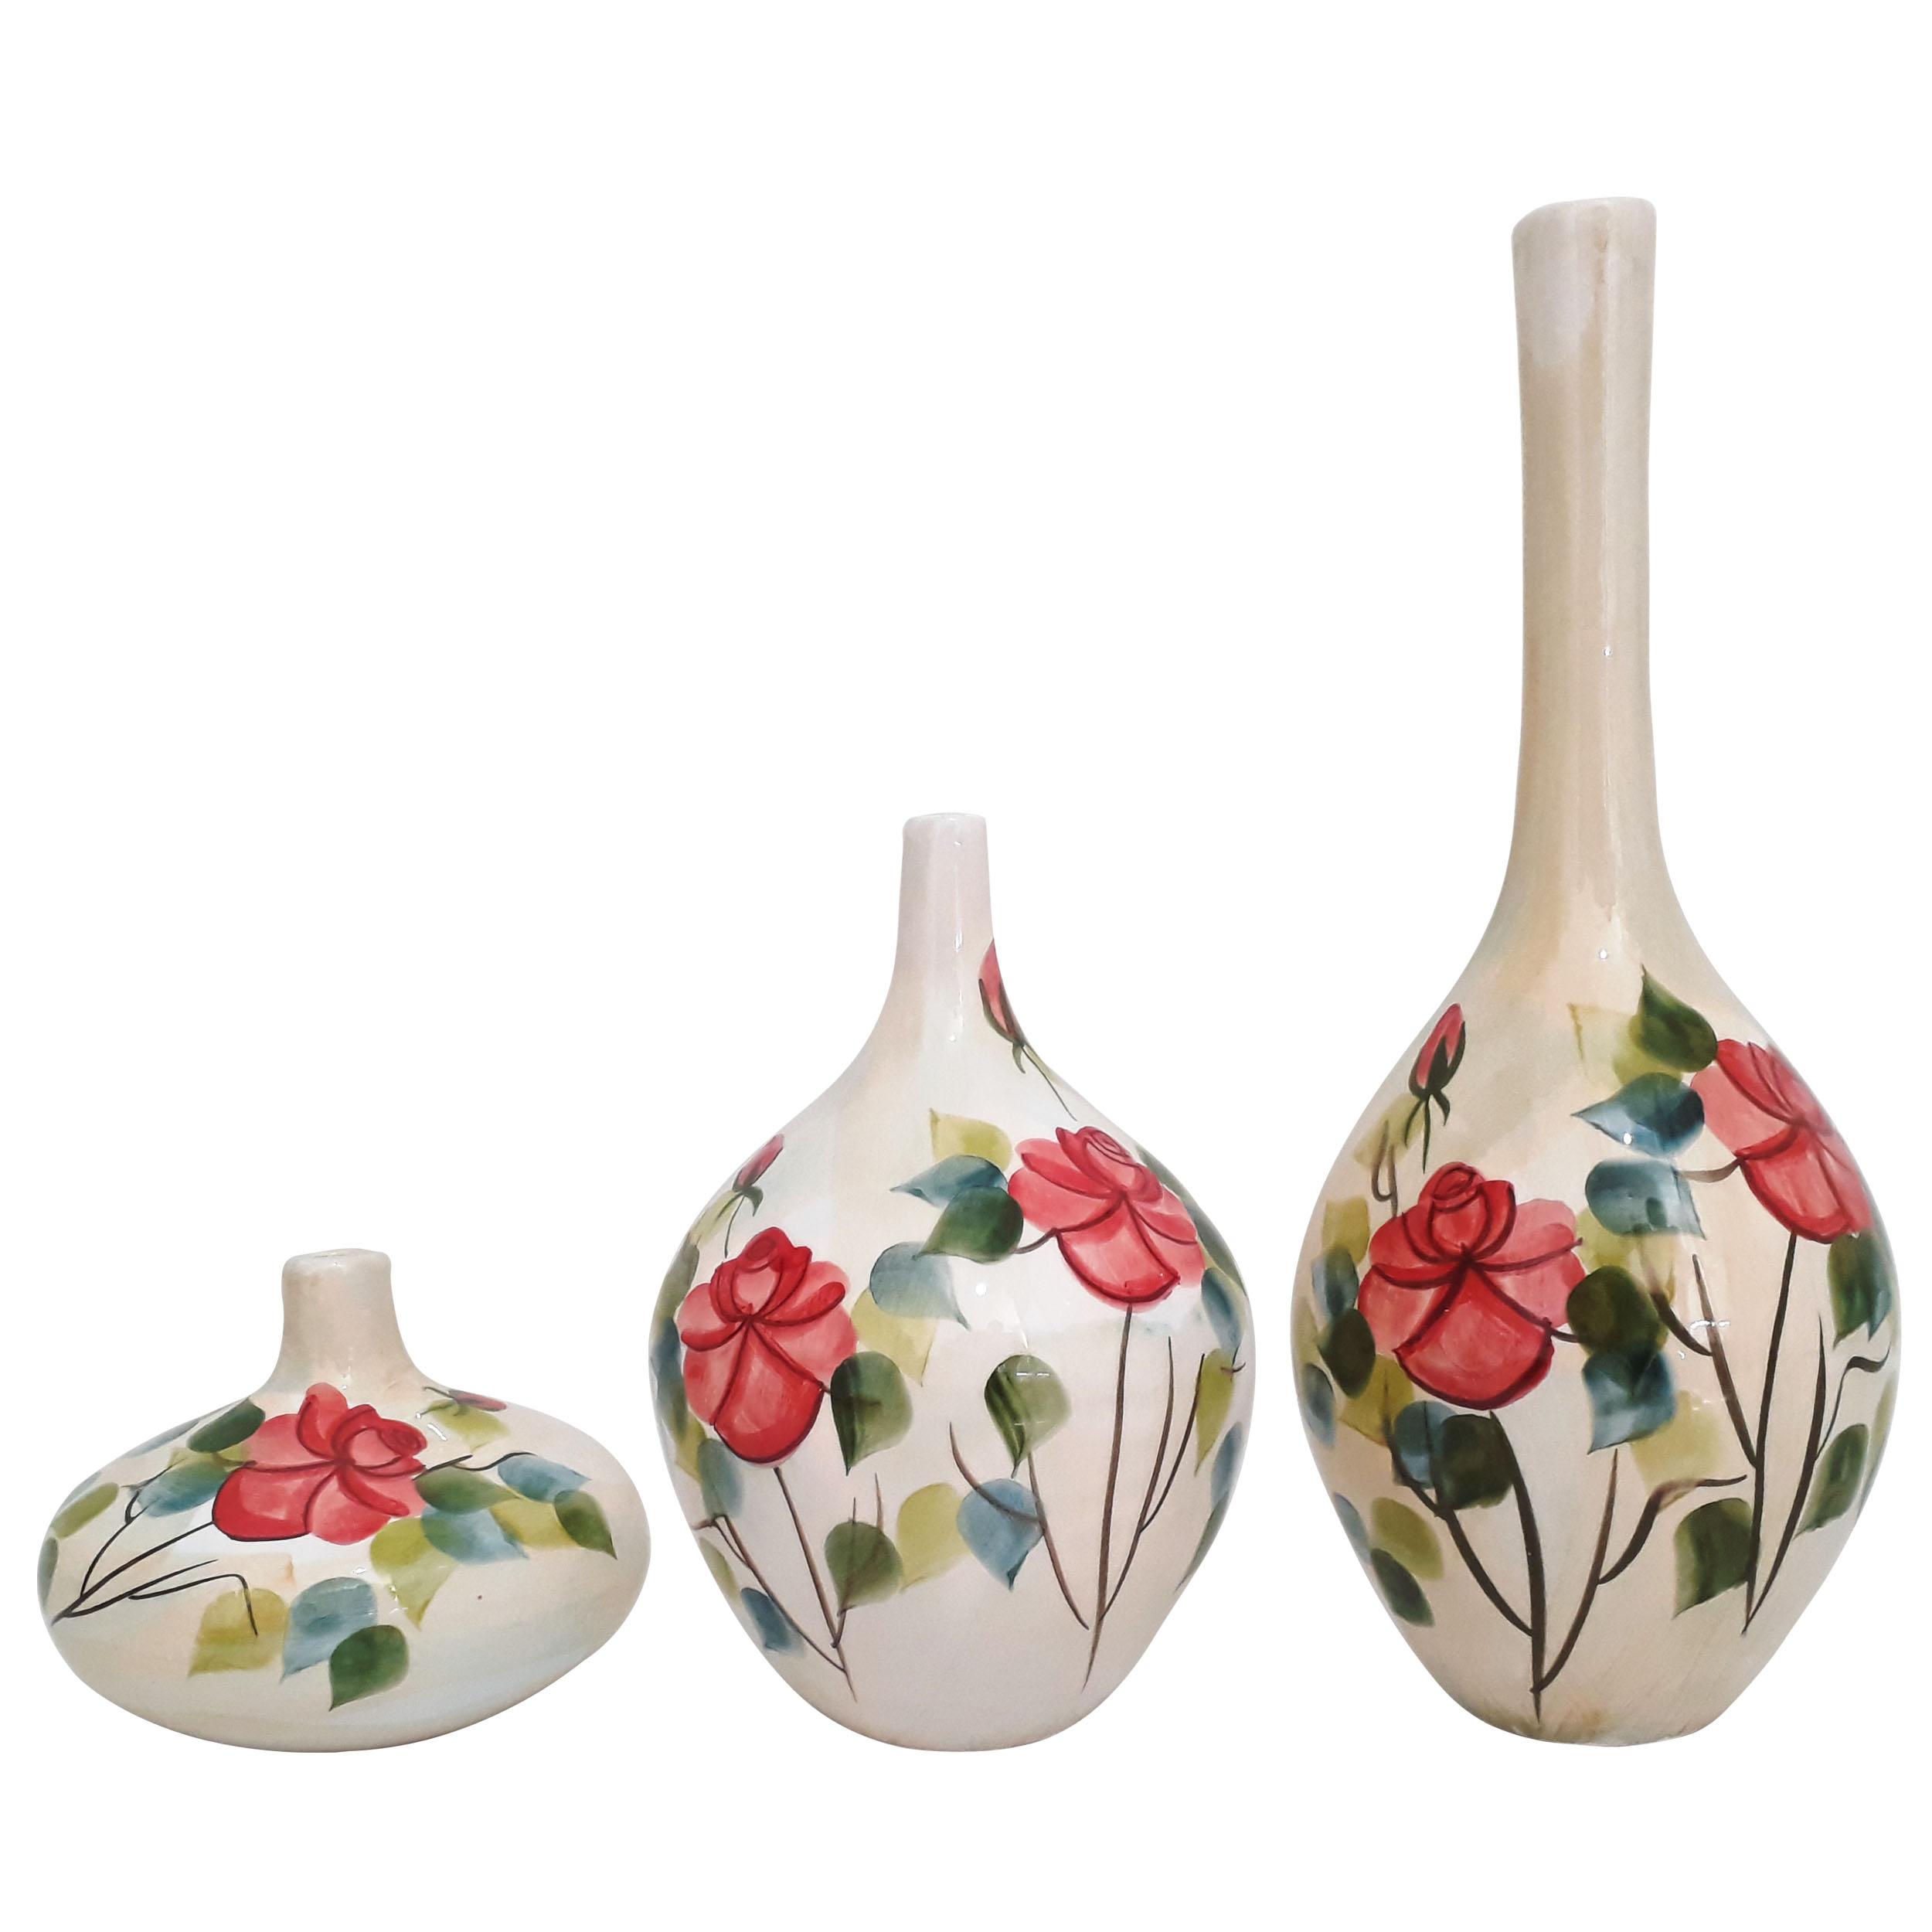 گلدان مدل سالنگ طرح گل سرخ کد SG3 مجموعه 3 عددی